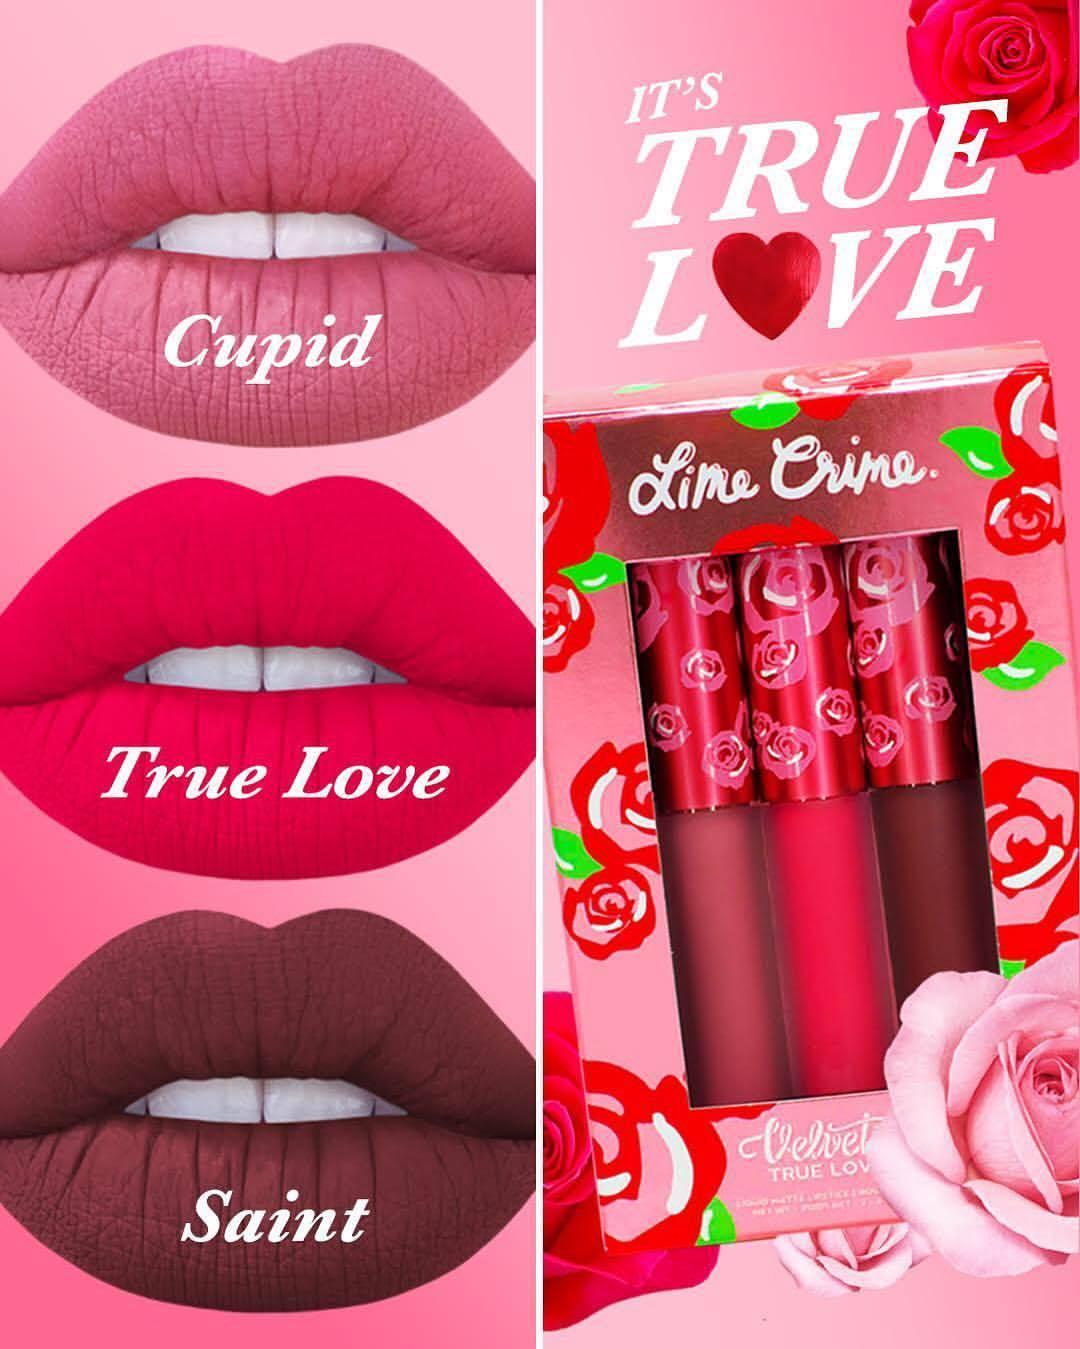 love trio